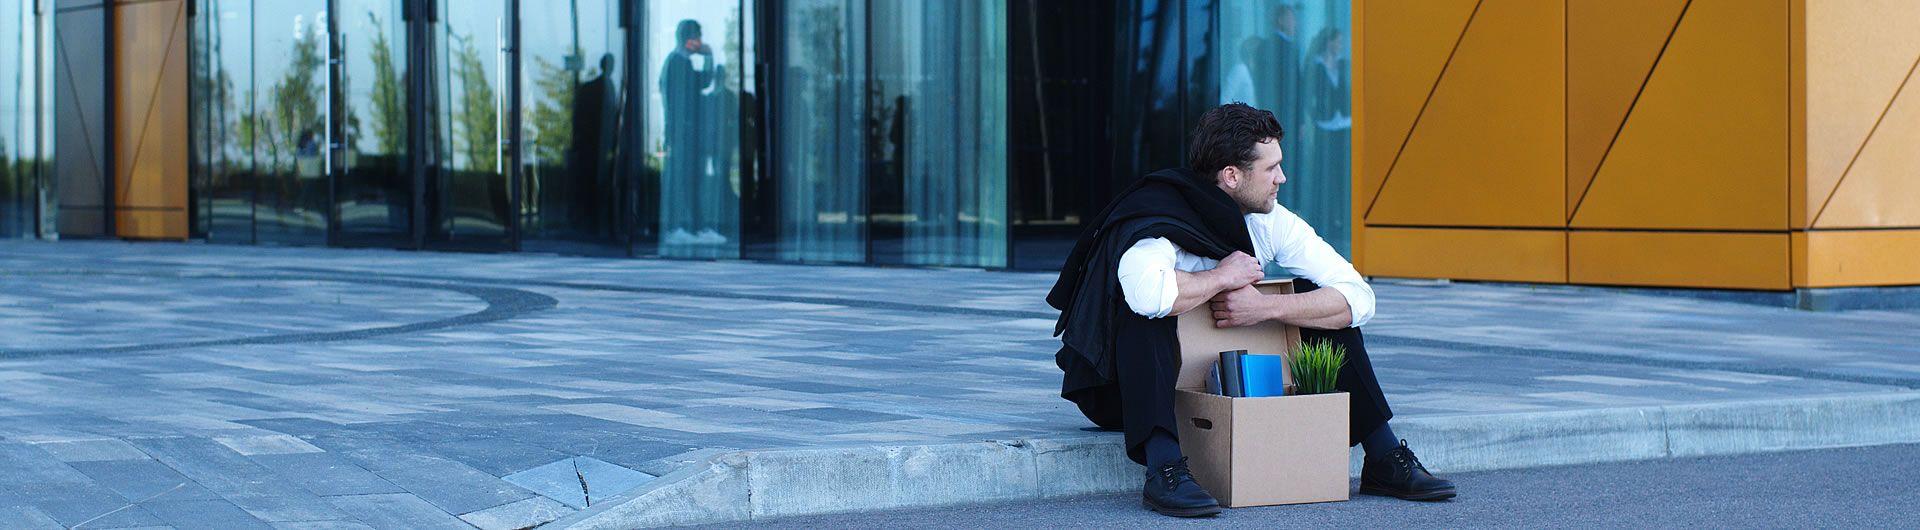 Man grief stricken after losing his job